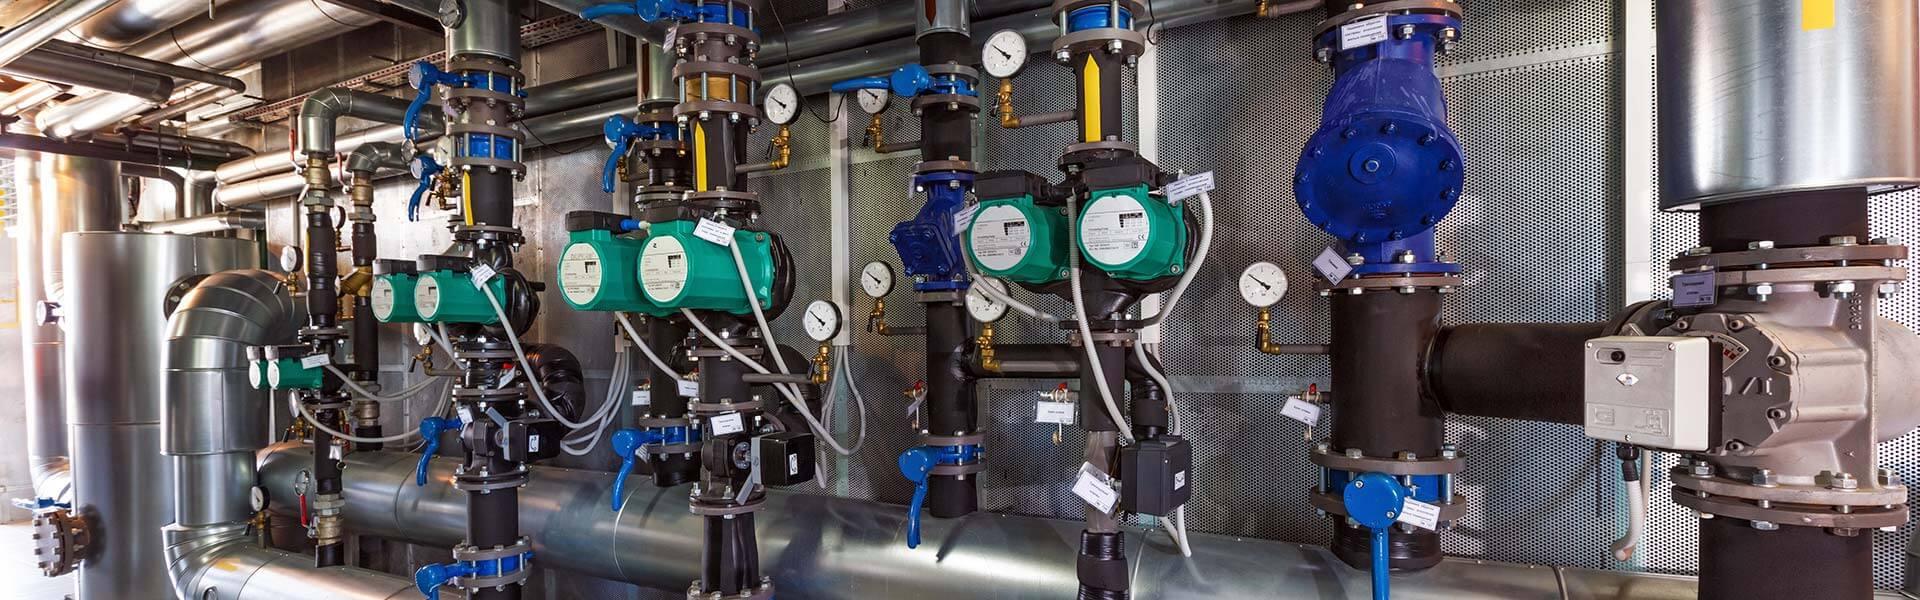 Kazánházak kiépítése - Heating Service 2000 Kft - Vécses